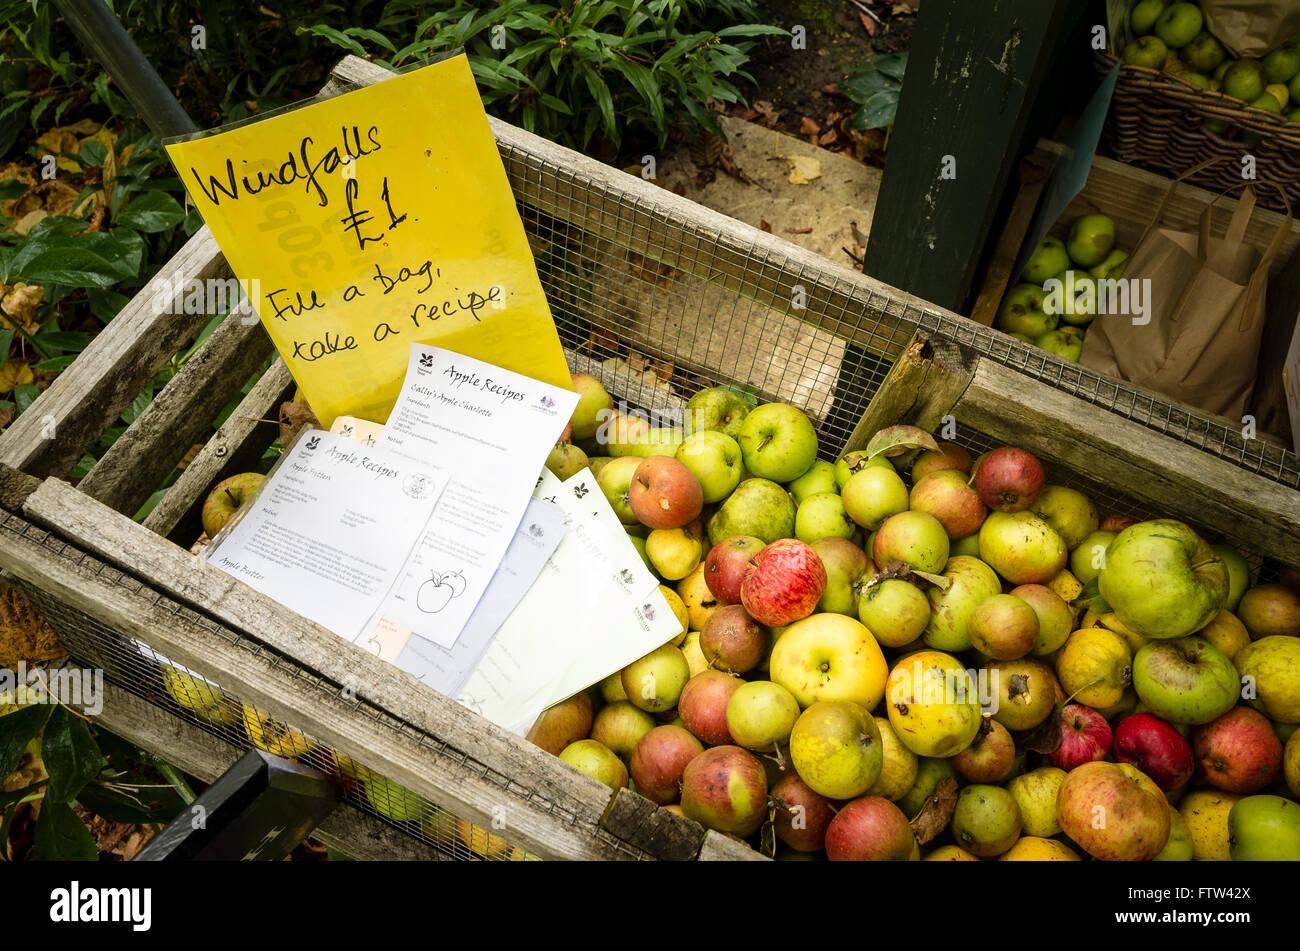 Windfall Äpfel mit vorgeschlagenen Rezepten angeboten in einem NT-Garten zur Steigerung der Mittel Stockbild